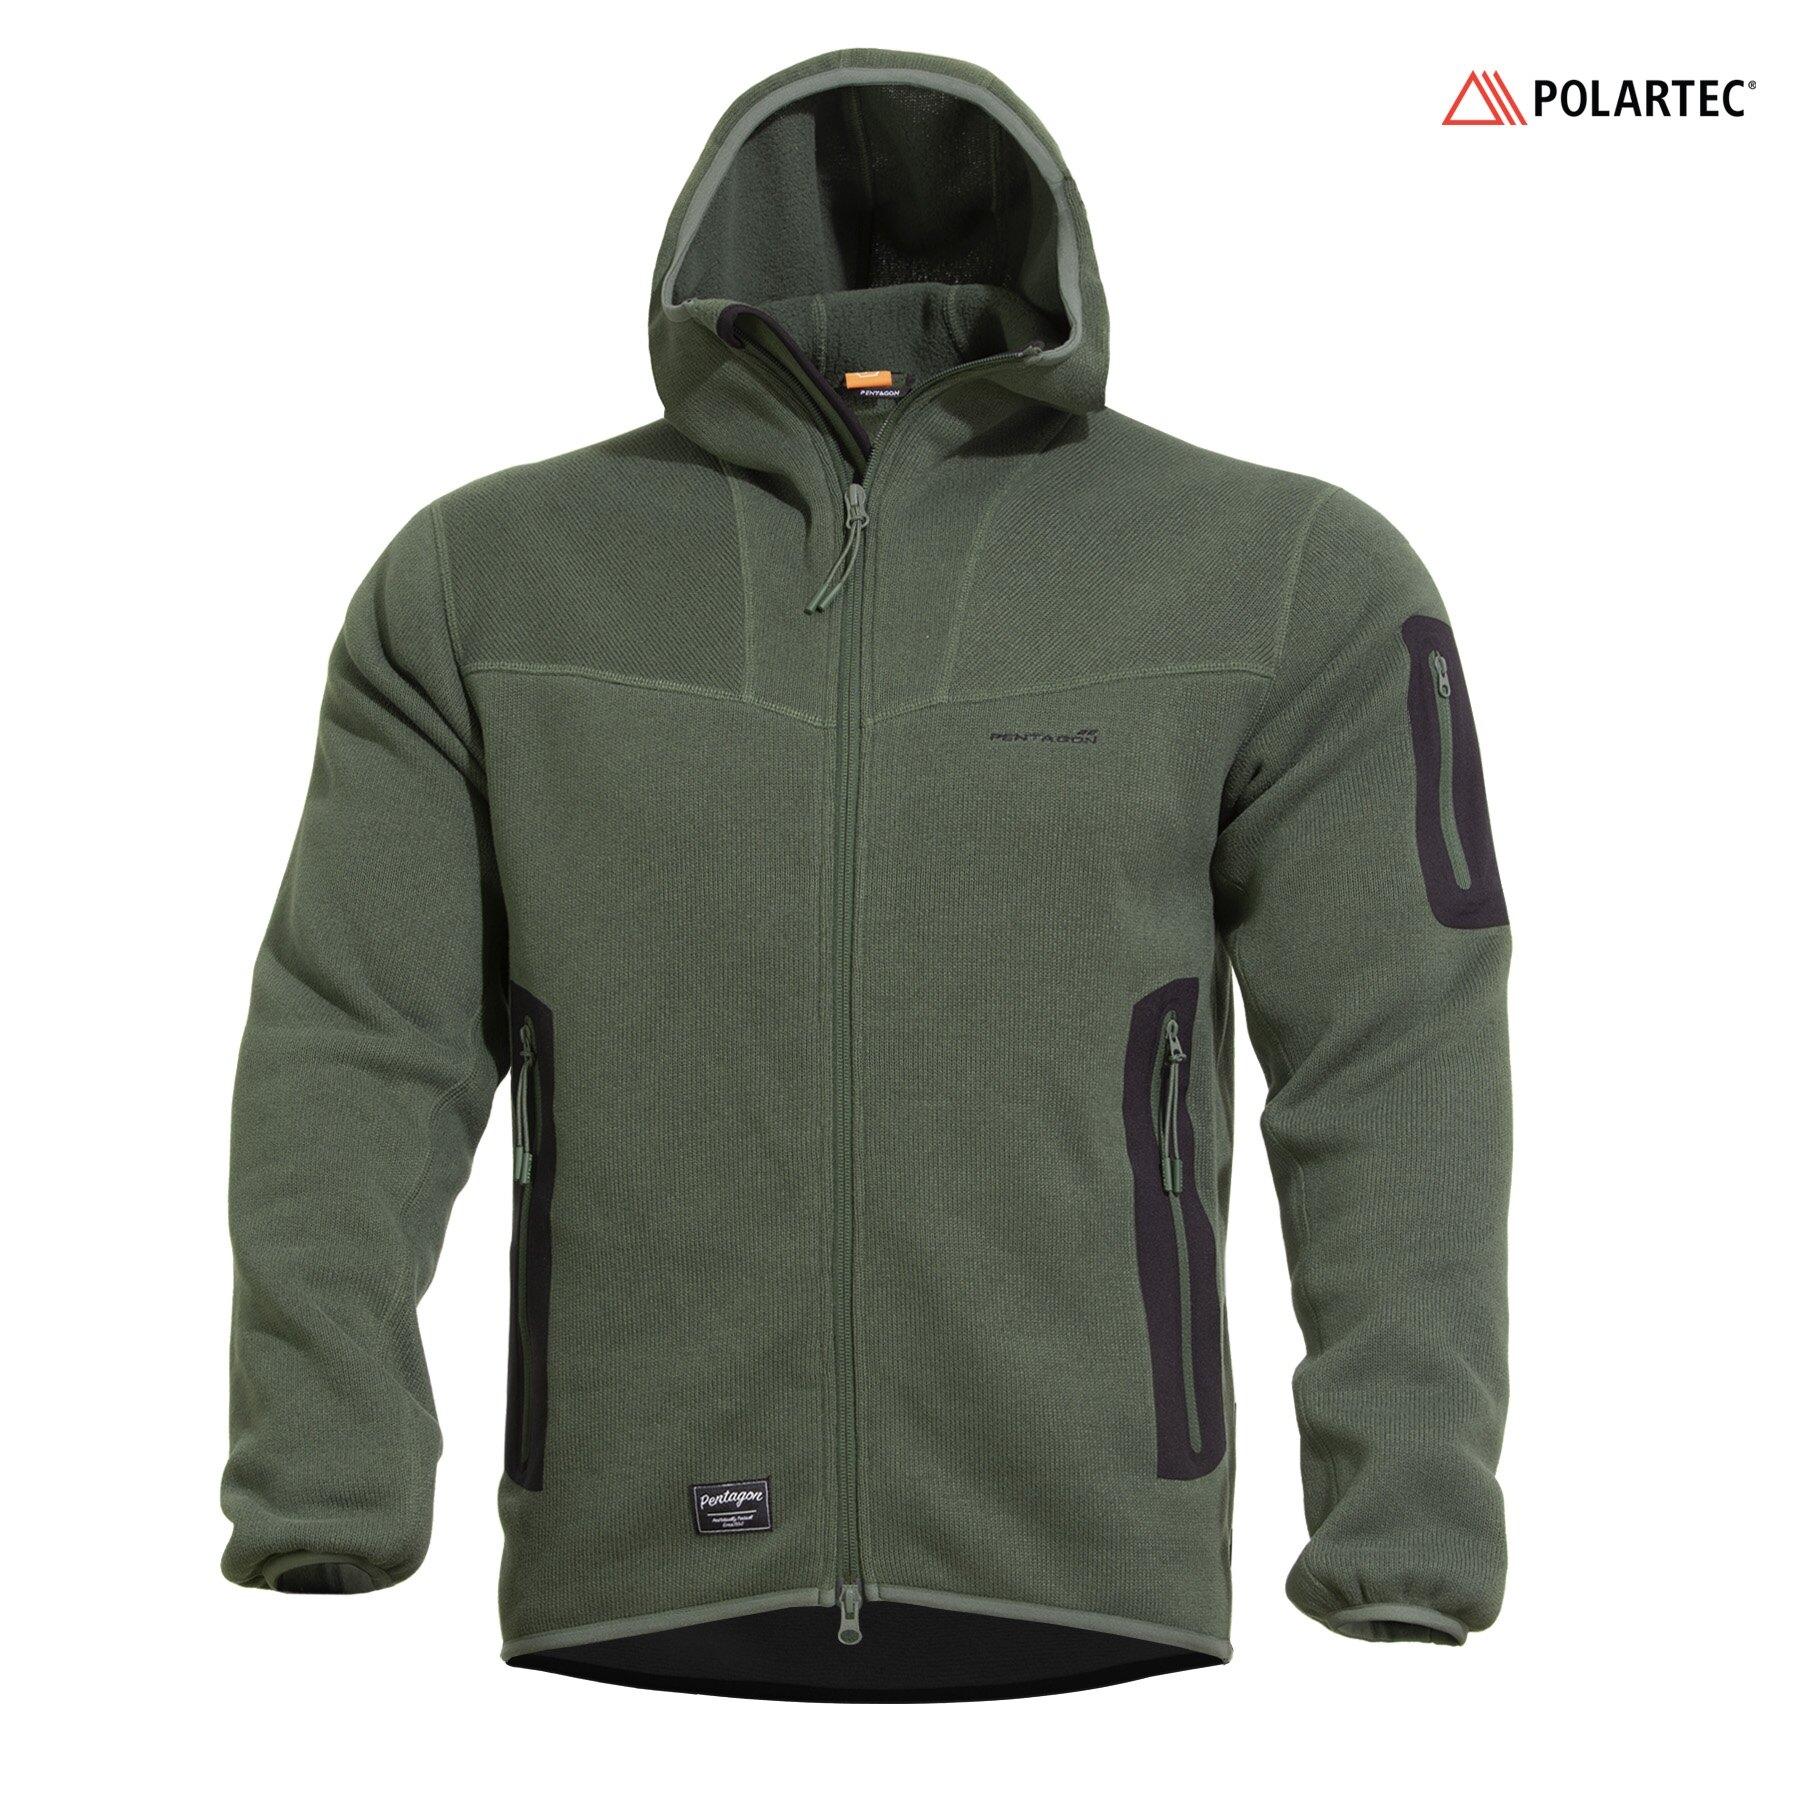 Mikina Falcon Pro Sweater Polartec® Pentagon® – Camo Green (Farba: Camo Green, Veľkosť: XXL)